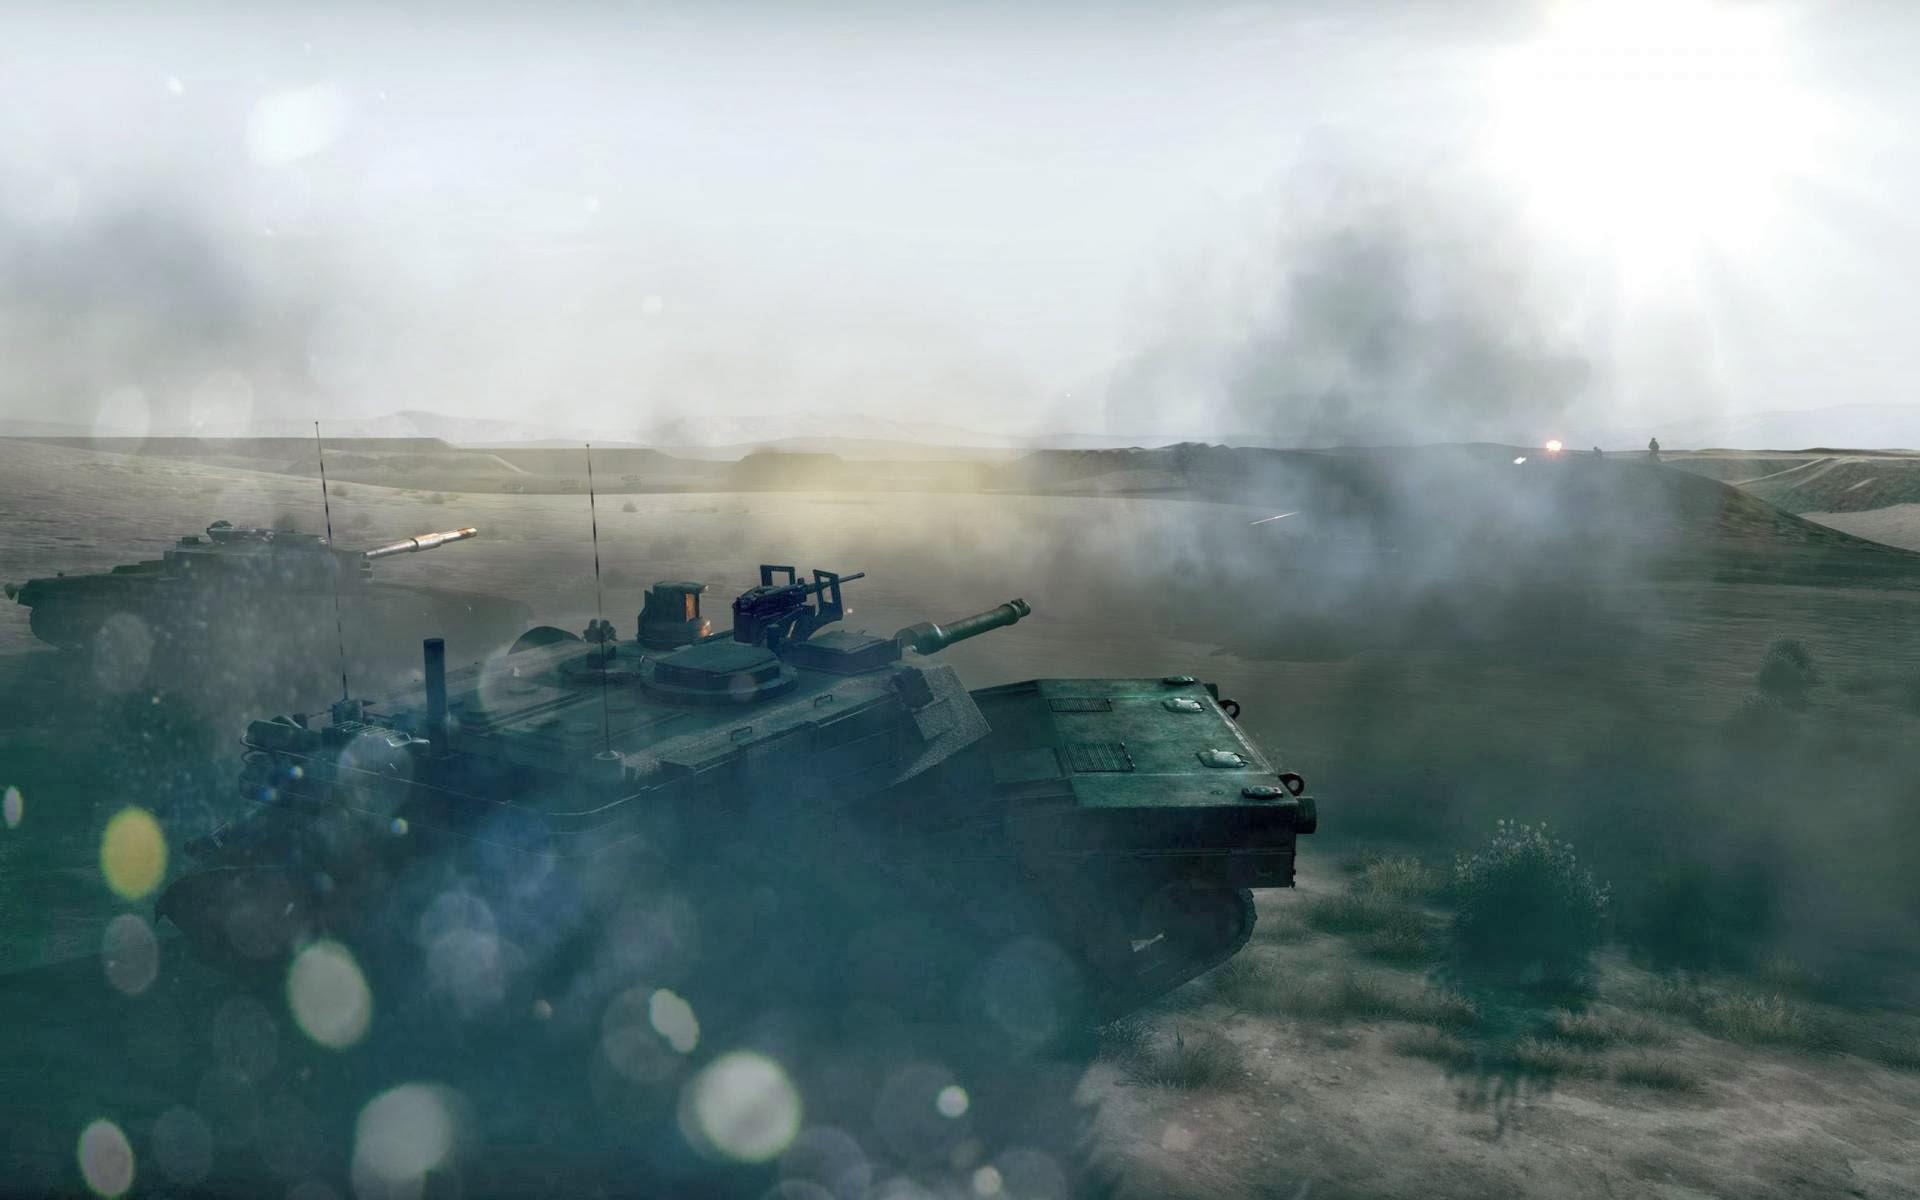 Battlefield 3 tank battle full hd desktop wallpapers 1080p - Battlefield 3 hd wallpaper 1080p ...